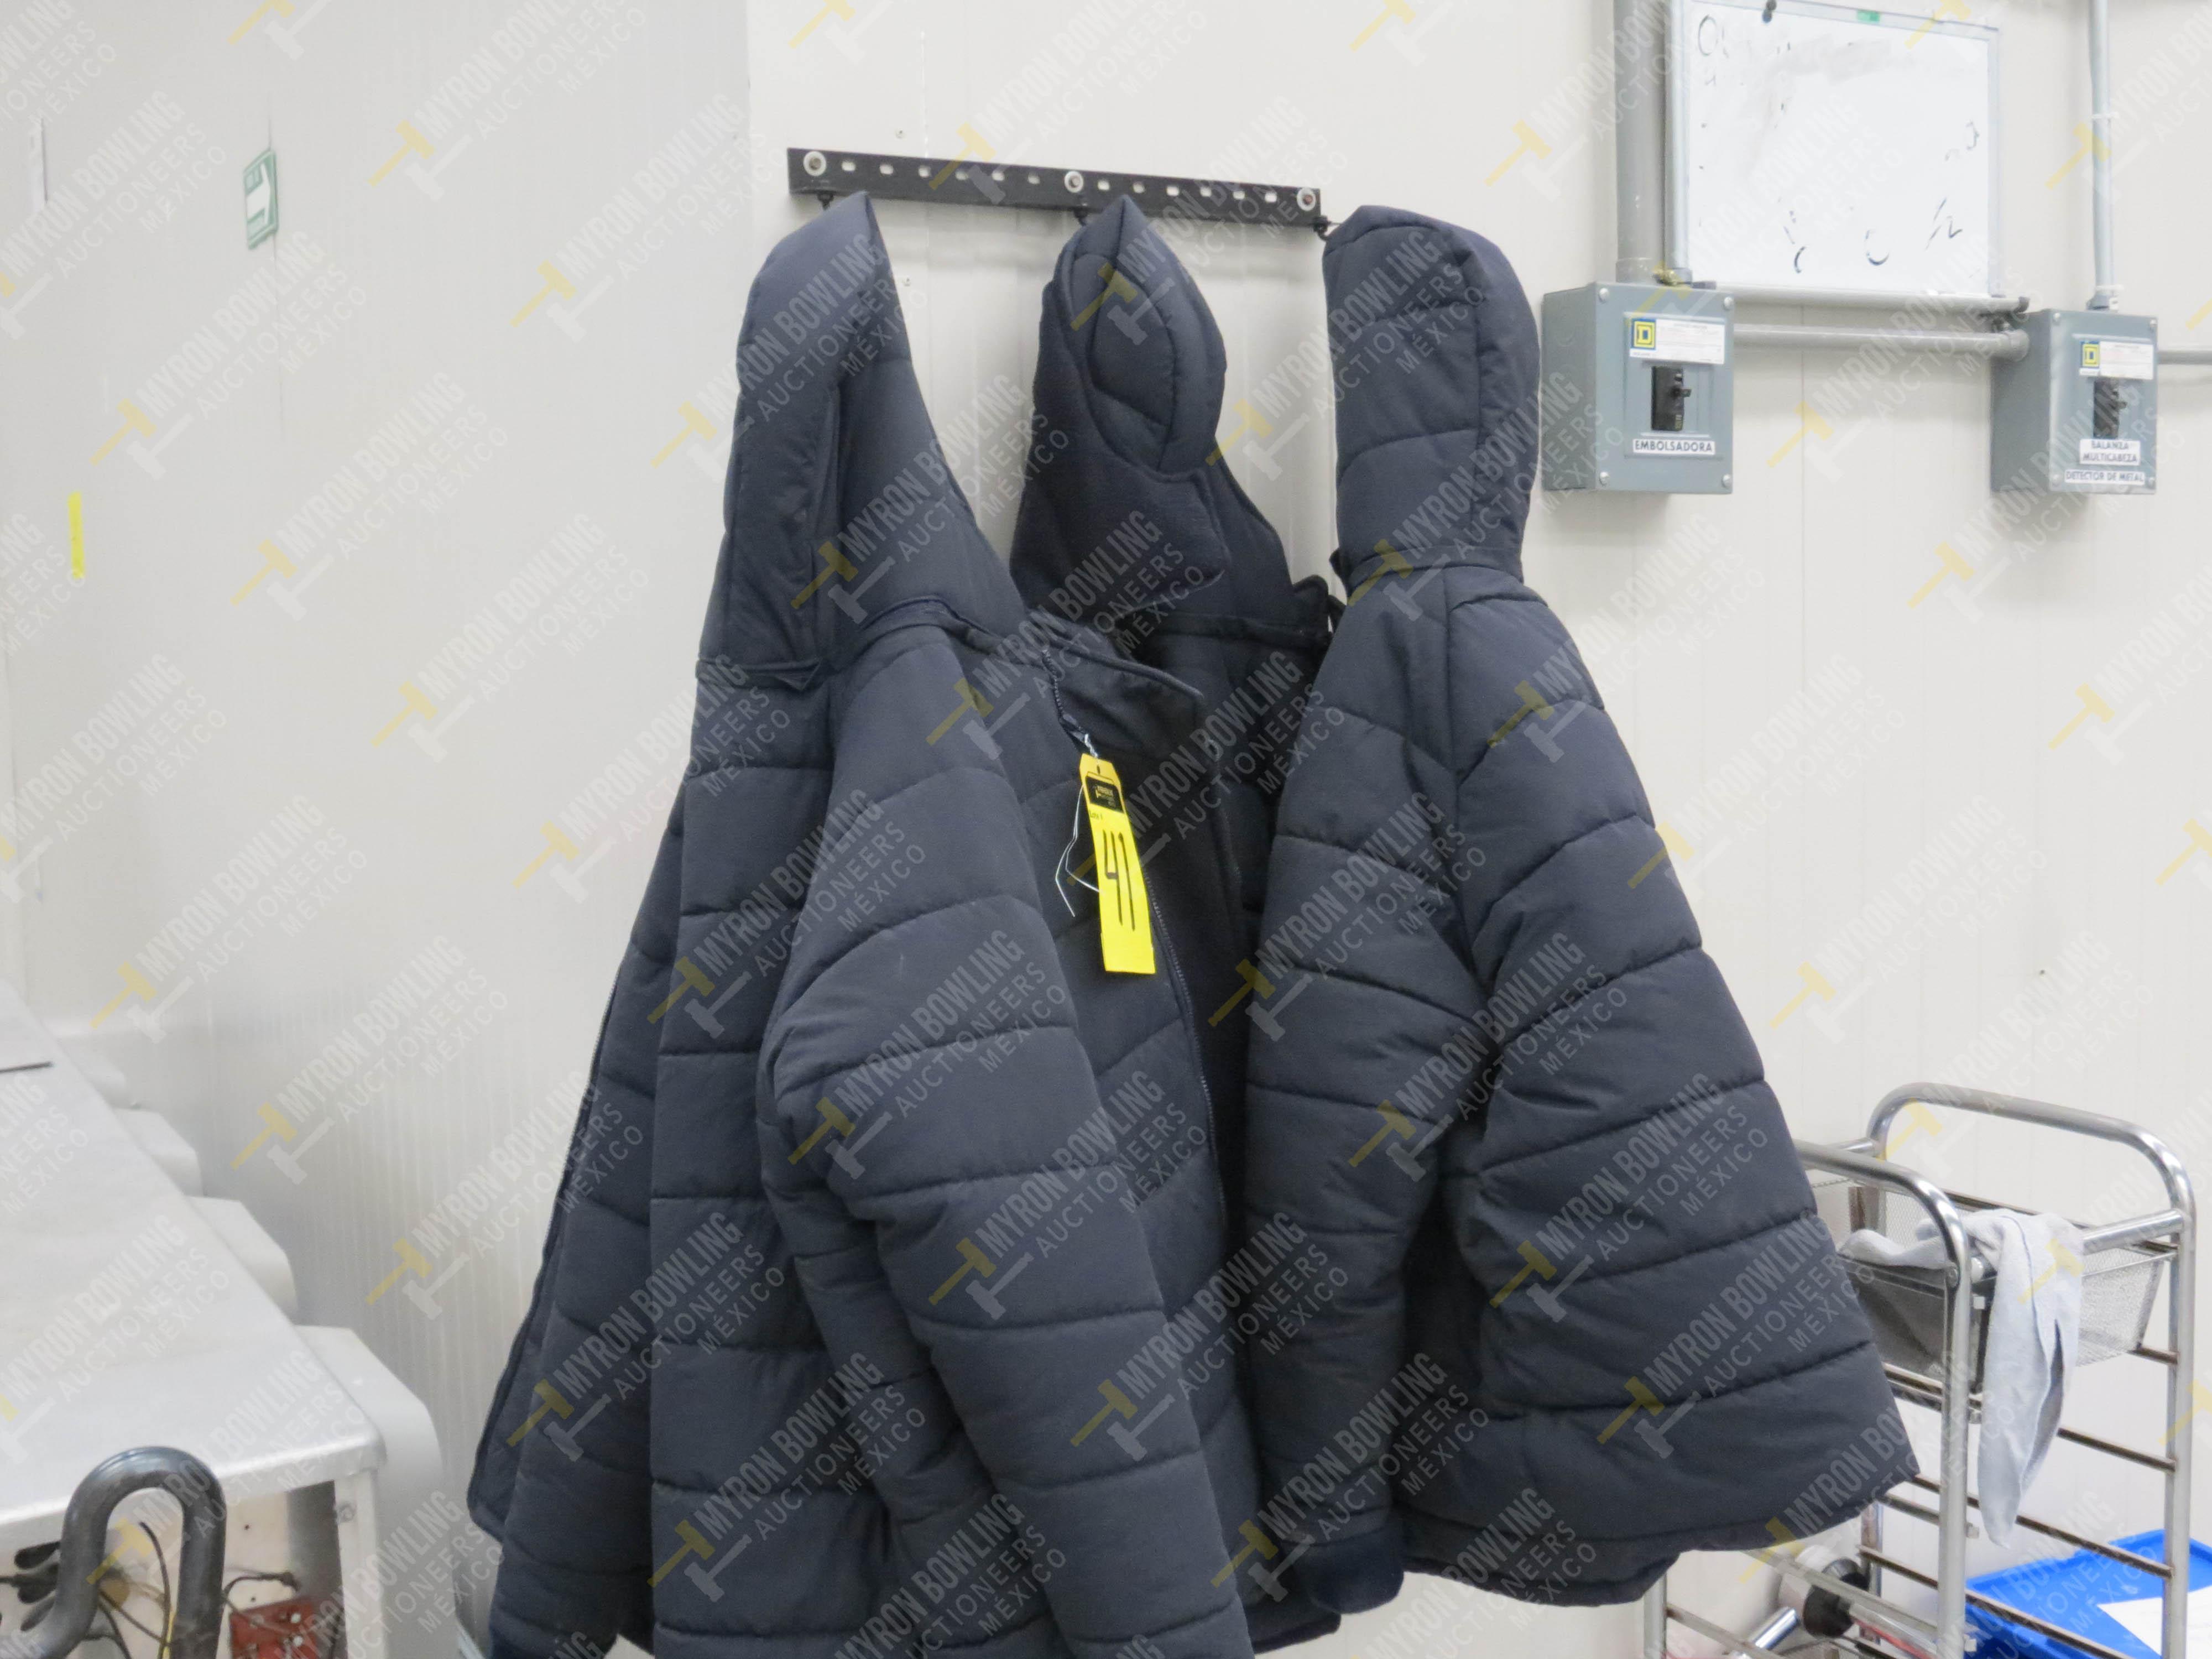 Cámara de refrigeración marca Krack, Modelo CSD-0301-L4K-133DD medidas 6.80 x 13.30 x 5.80 - Image 13 of 15